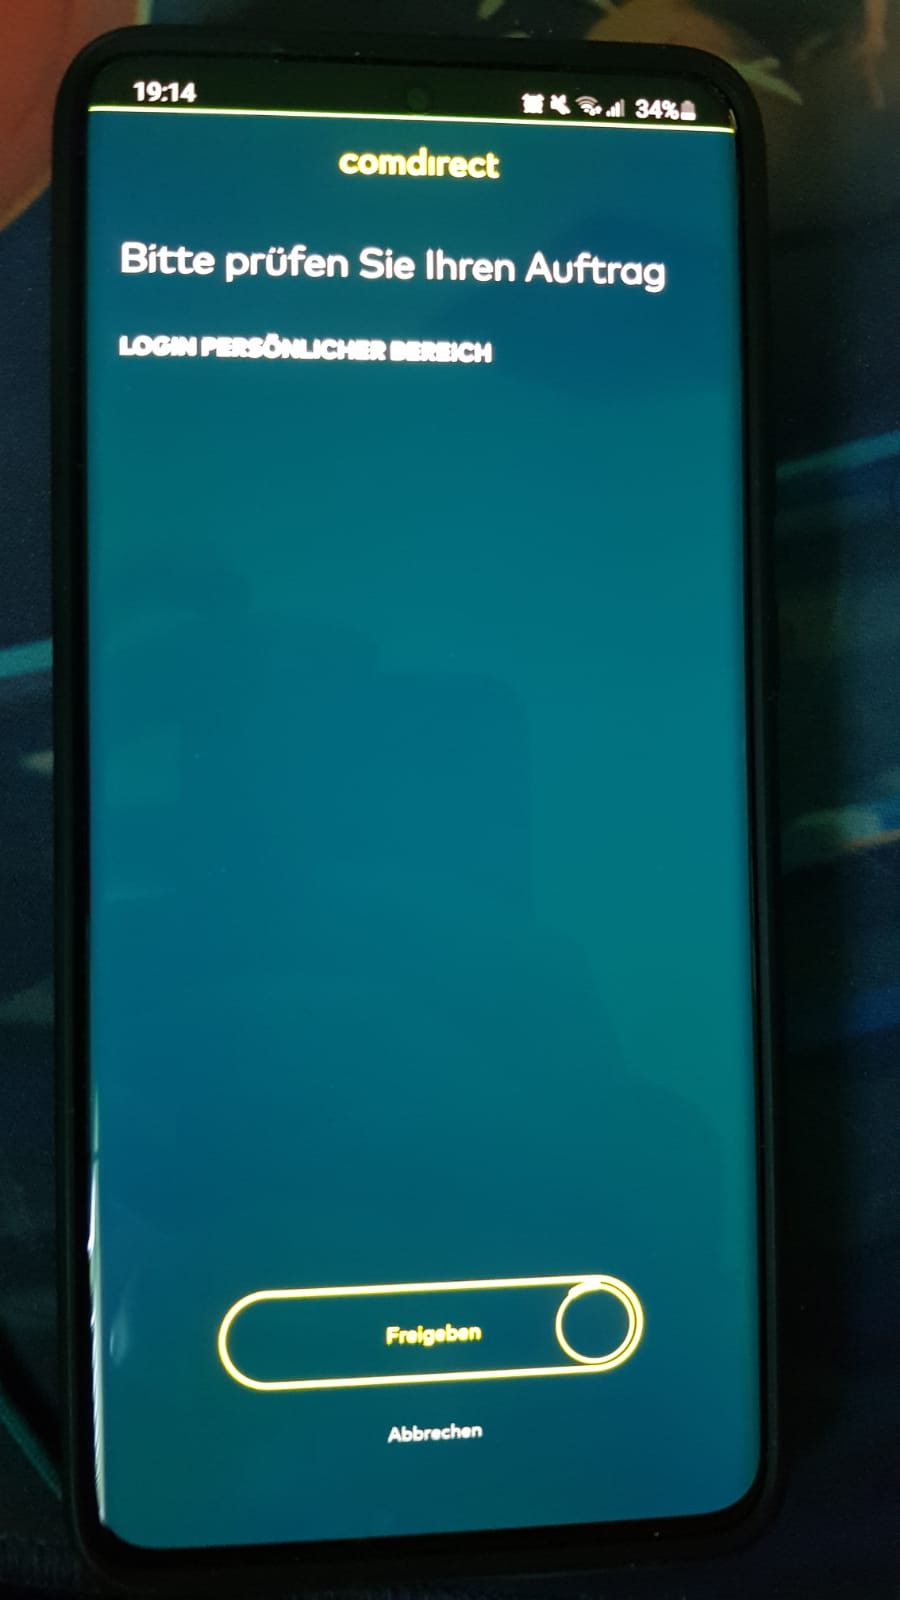 Comdirect App Funktioniert Nicht